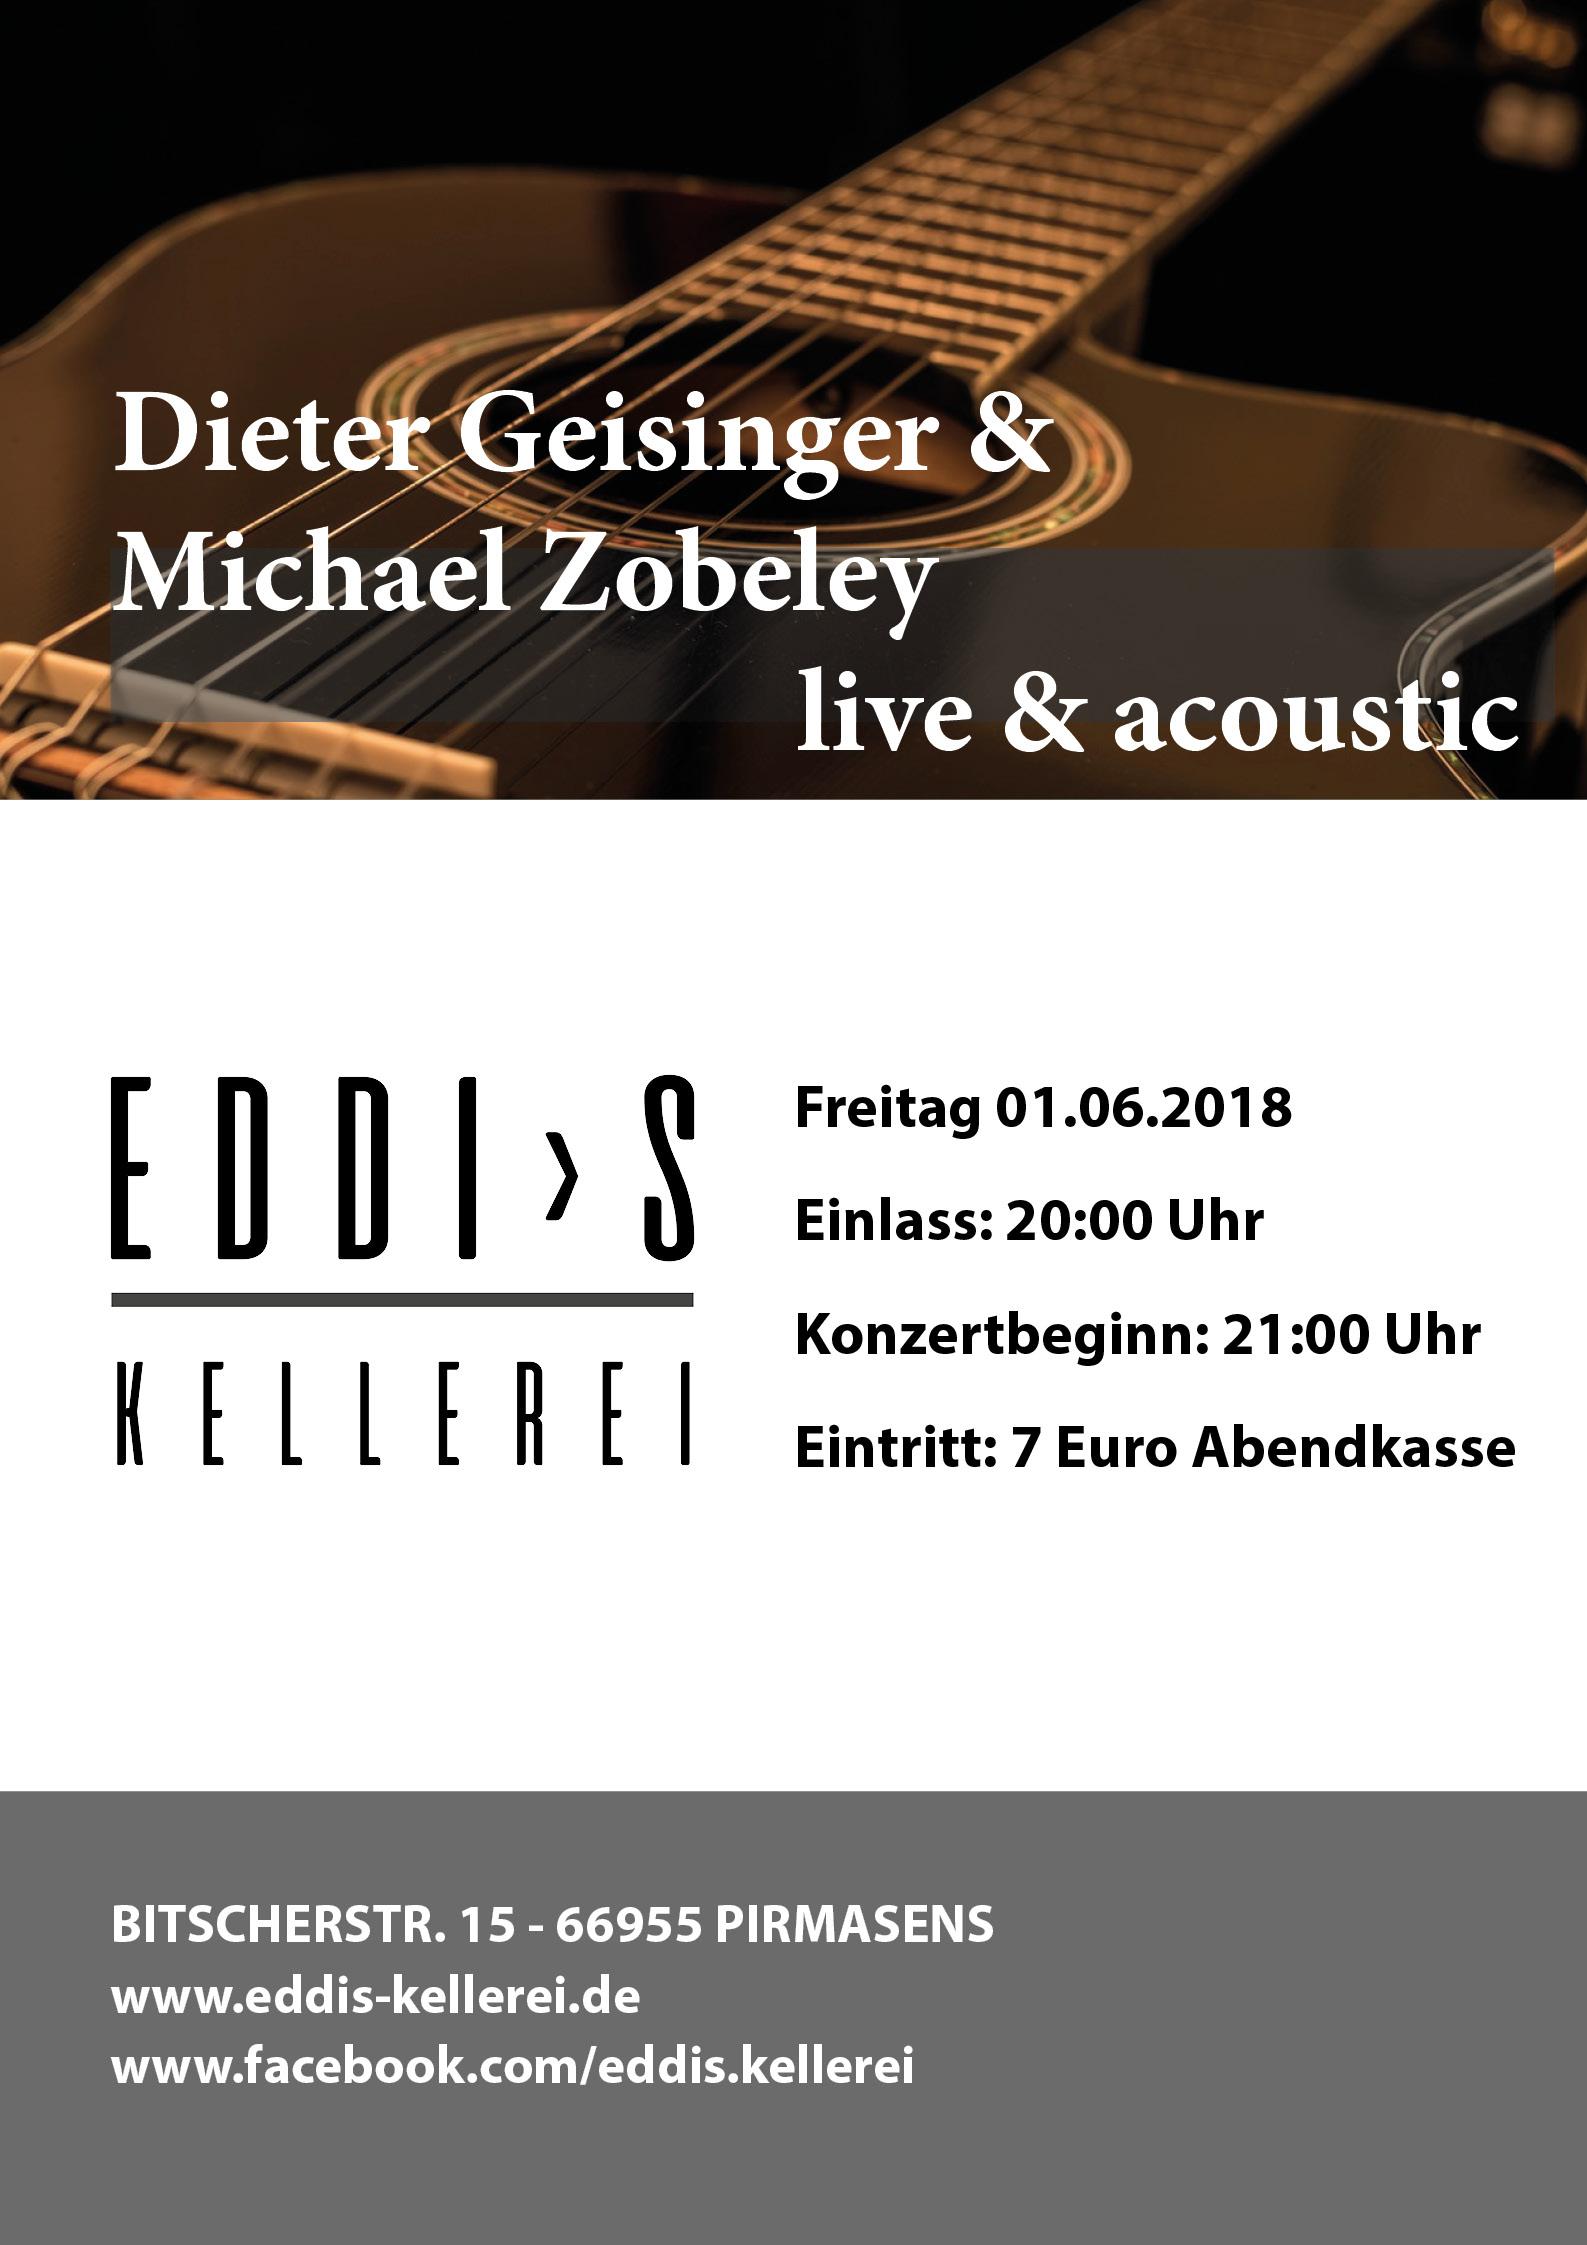 Dieter Geisinger & Michael Zobeley